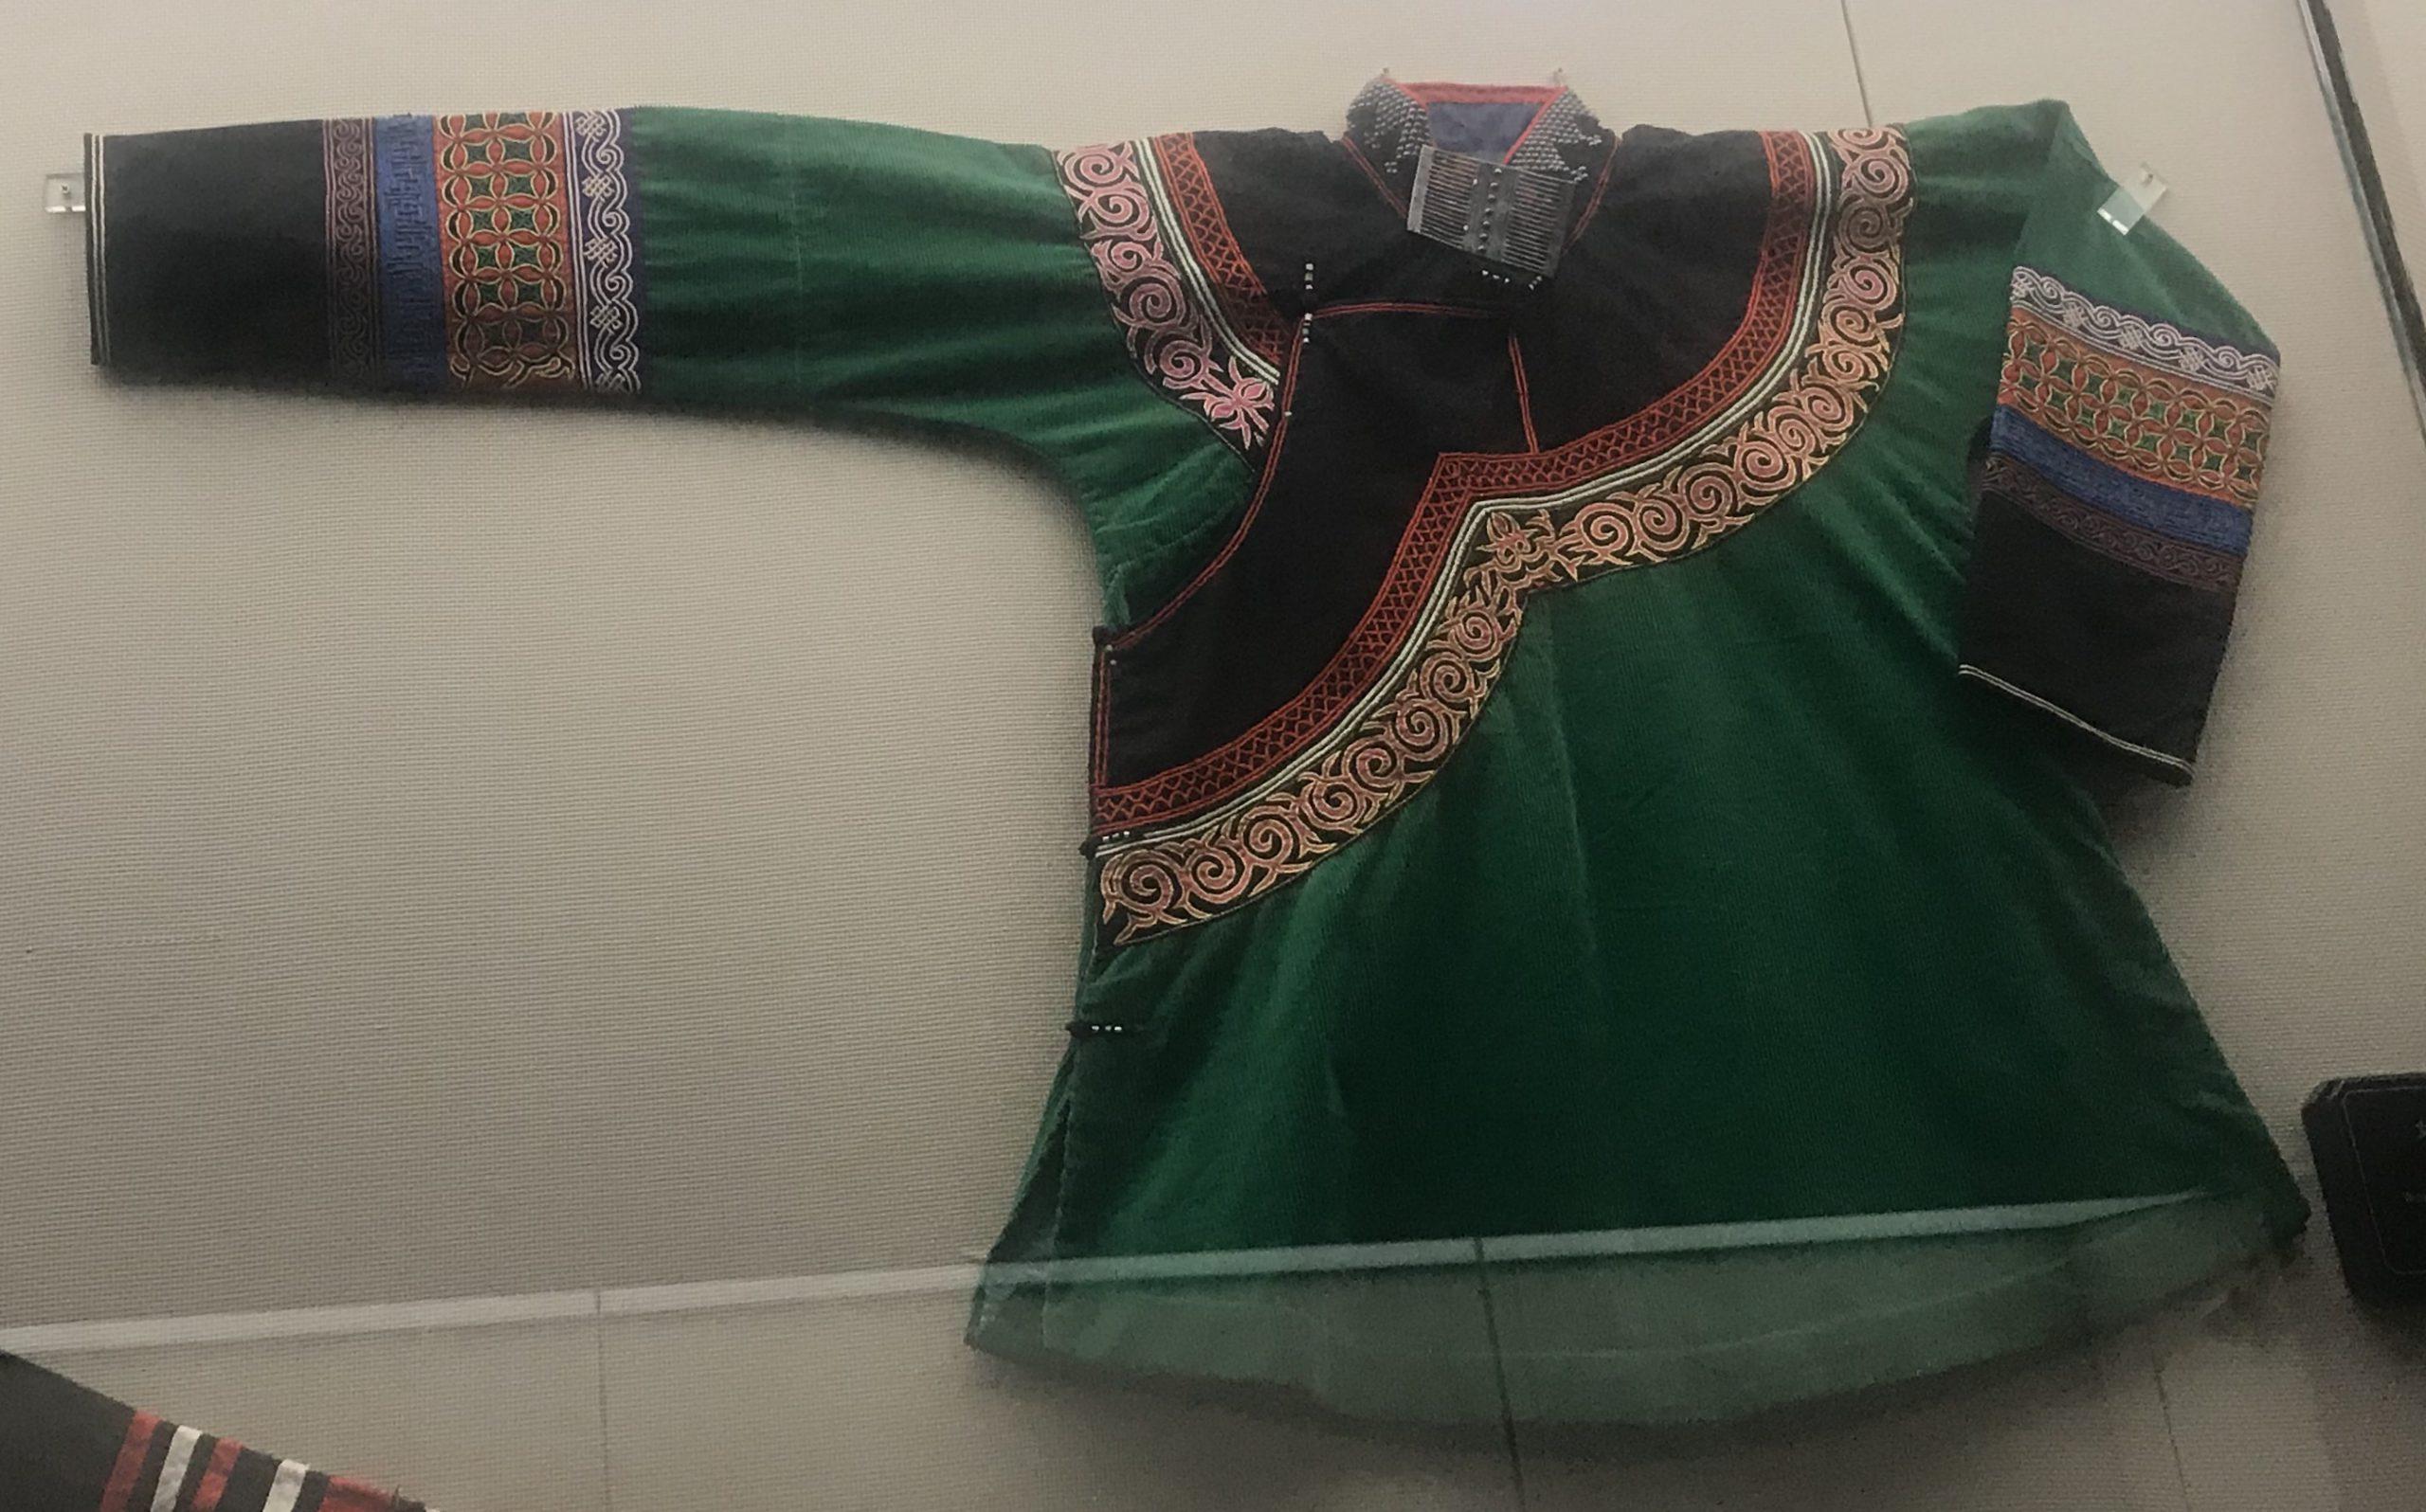 女式挑紮花上着-彜族衣装-四川民族文物館-四川博物館-成都